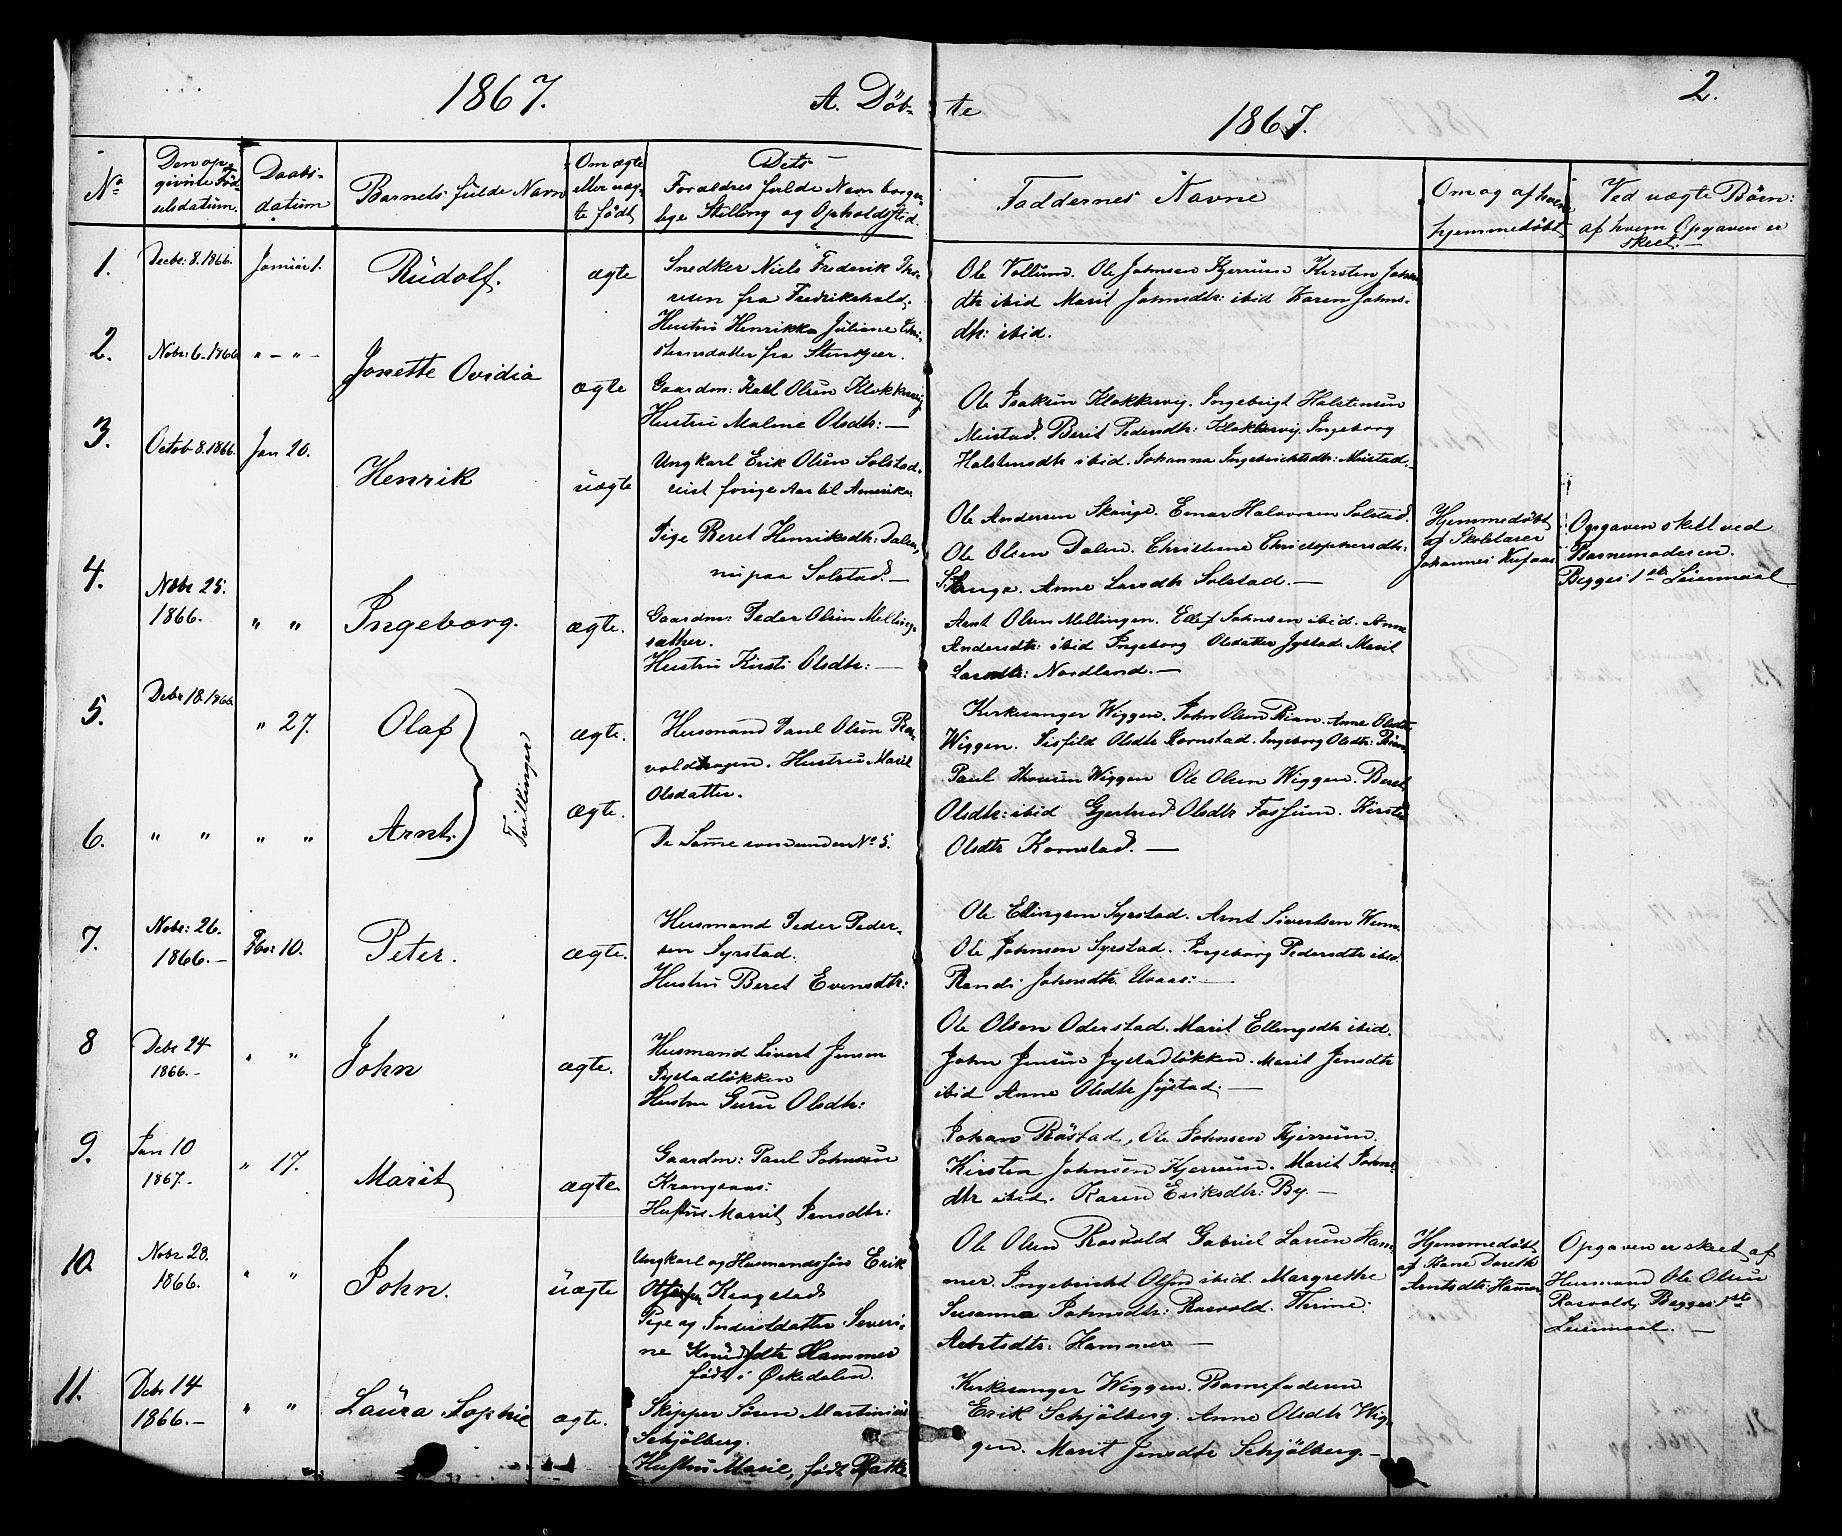 SAT, Ministerialprotokoller, klokkerbøker og fødselsregistre - Sør-Trøndelag, 665/L0777: Klokkerbok nr. 665C02, 1867-1915, s. 2